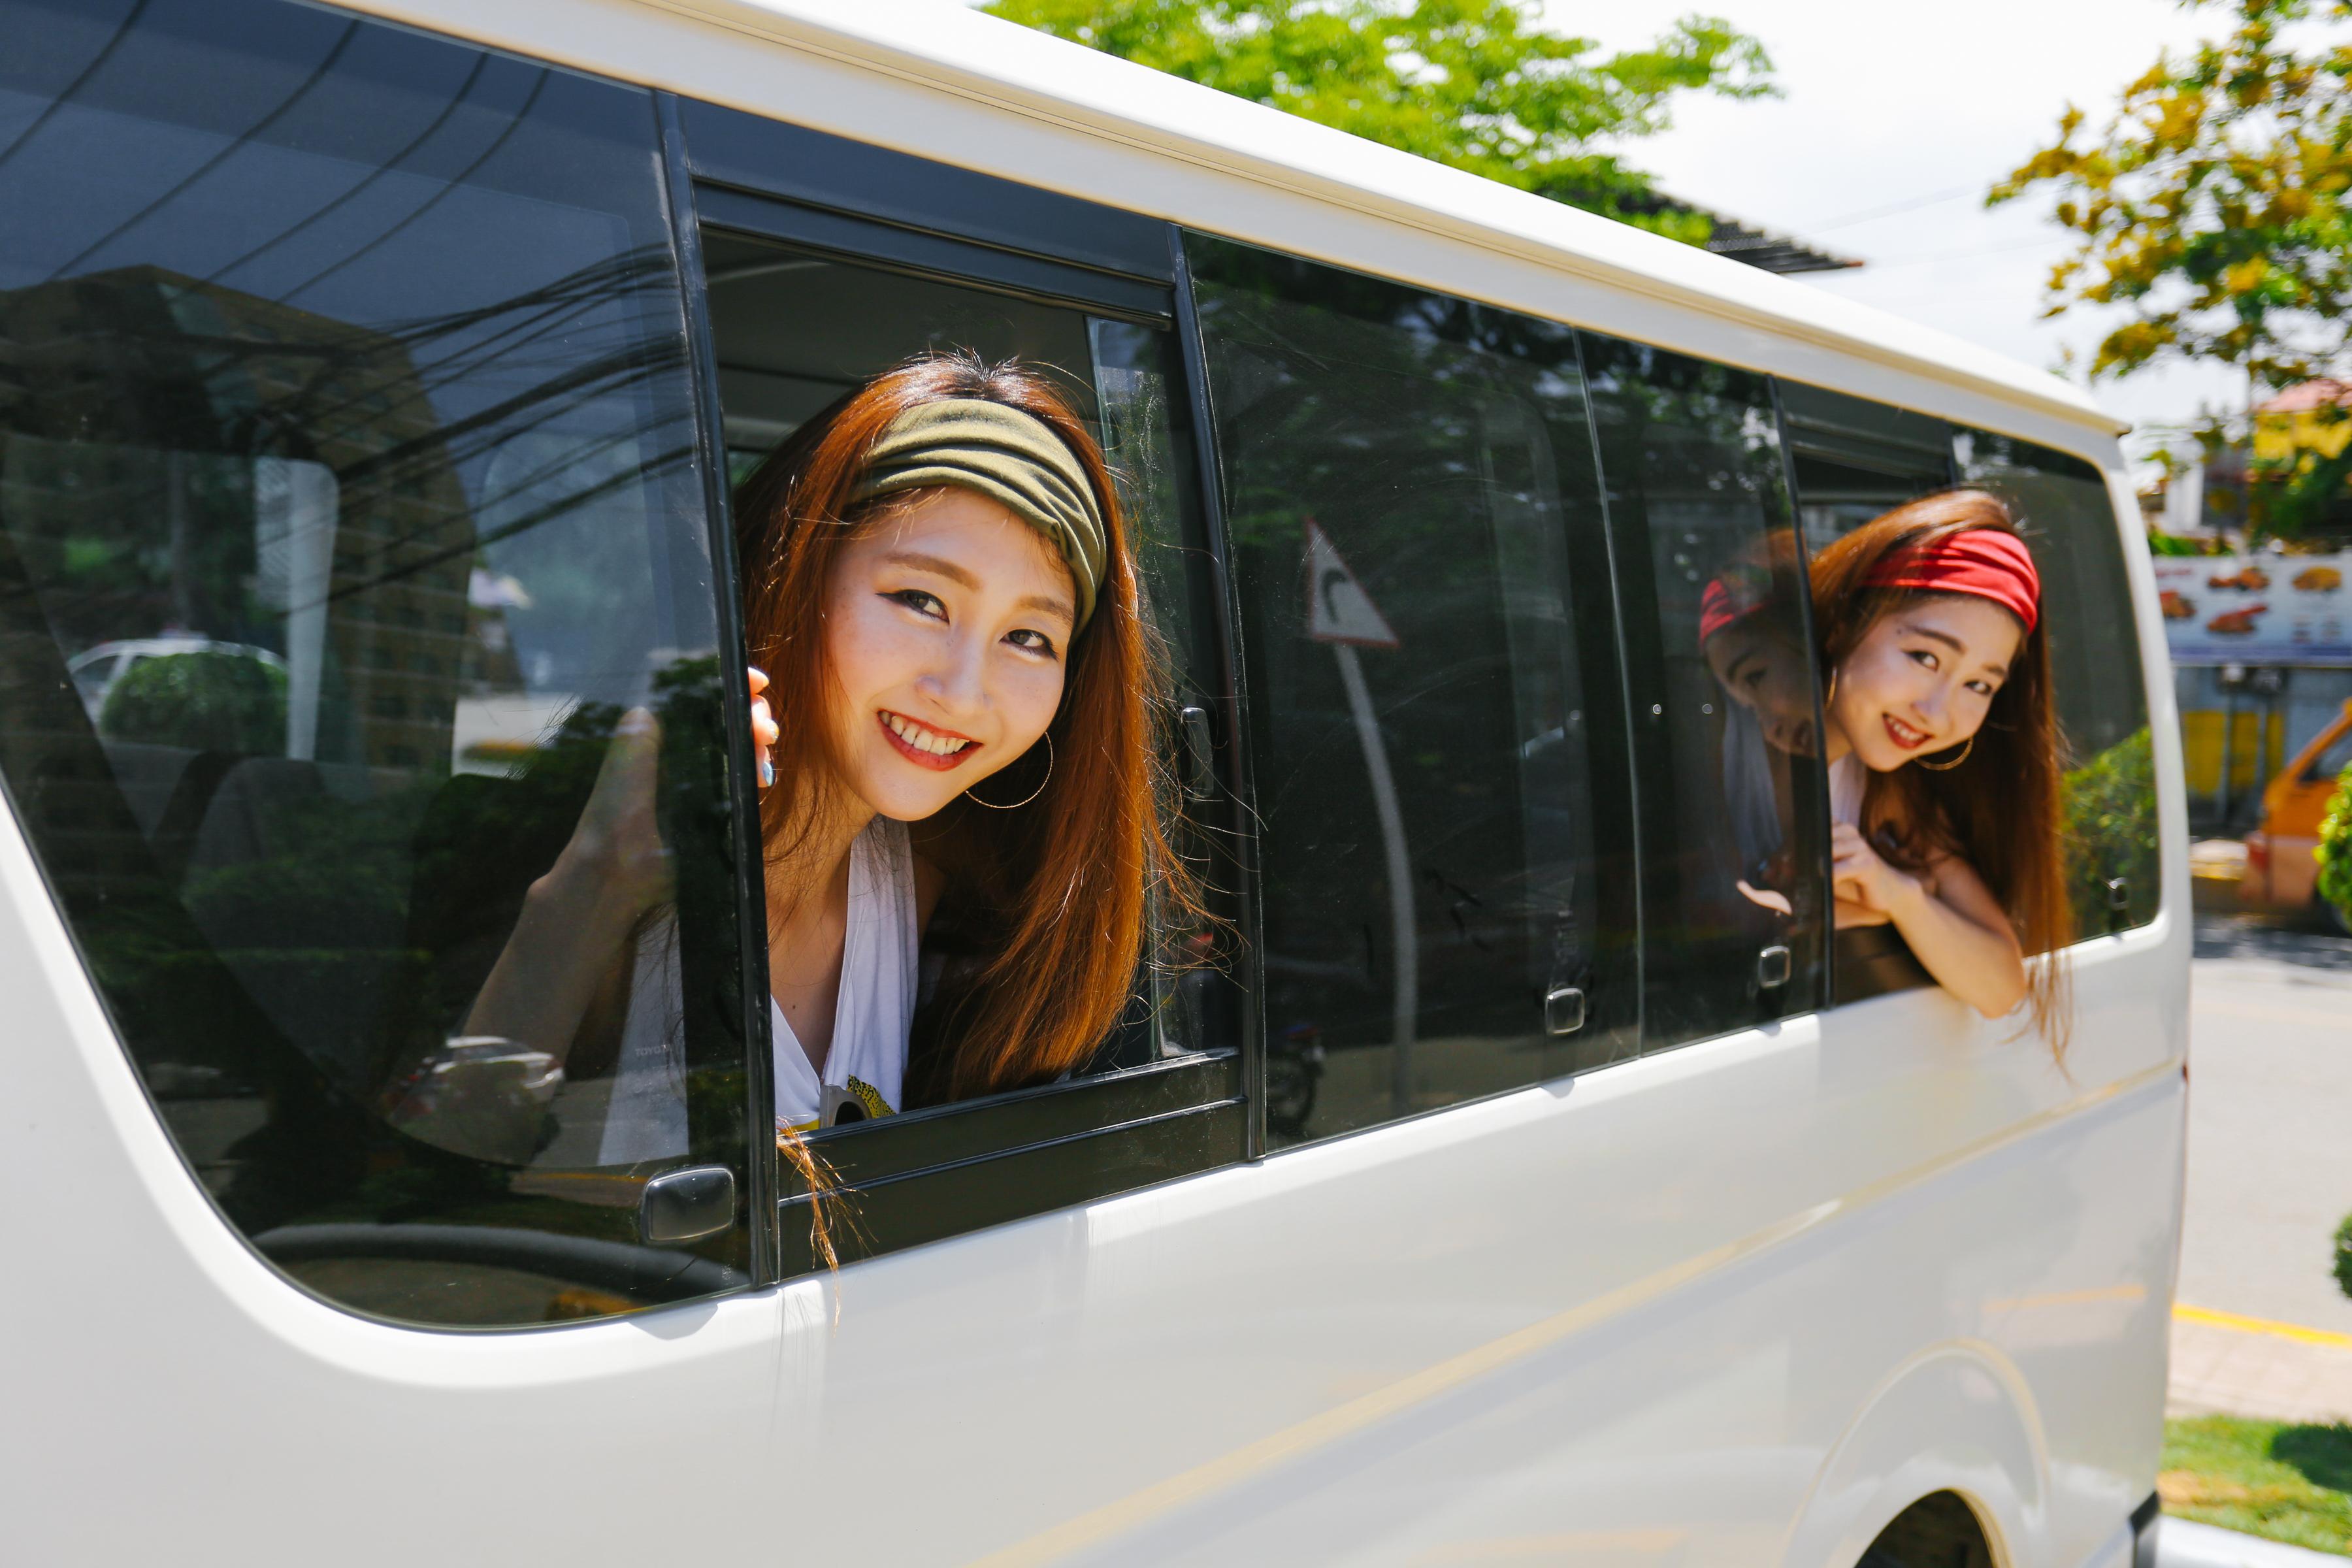 【混載/空港送迎】メトロマニラ内ホテル⇒マニラ空港送迎 日本語ガイド付き